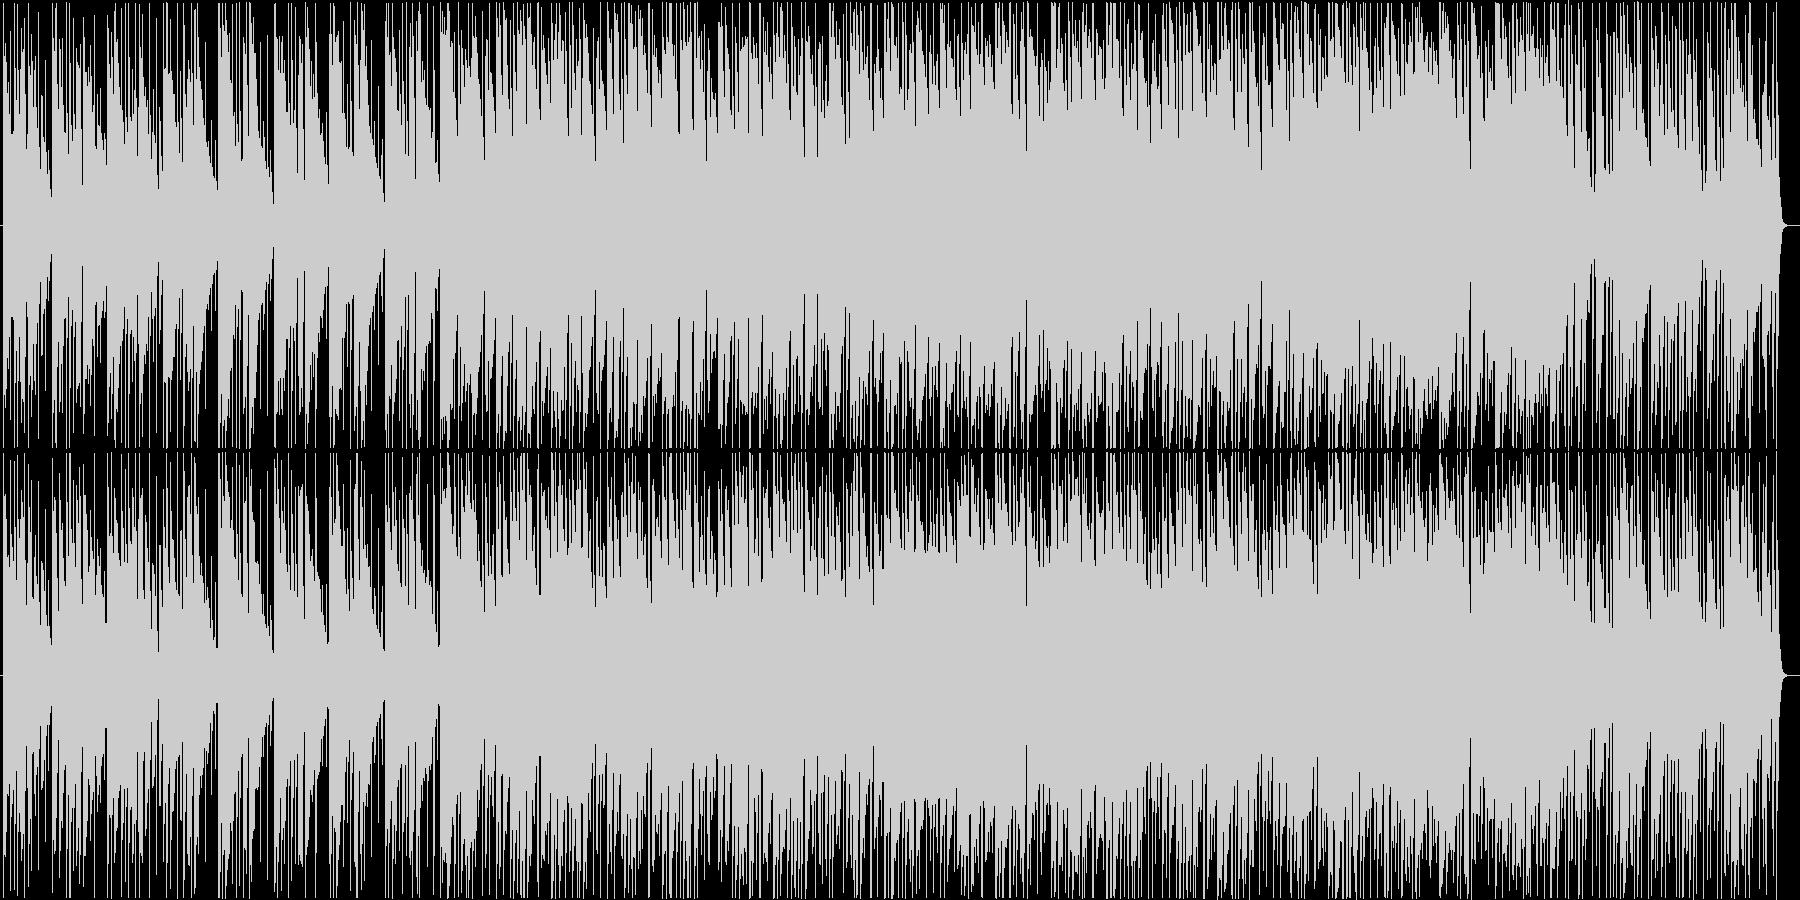 ★リゾート風★癒し系オシャレピアノボサの未再生の波形